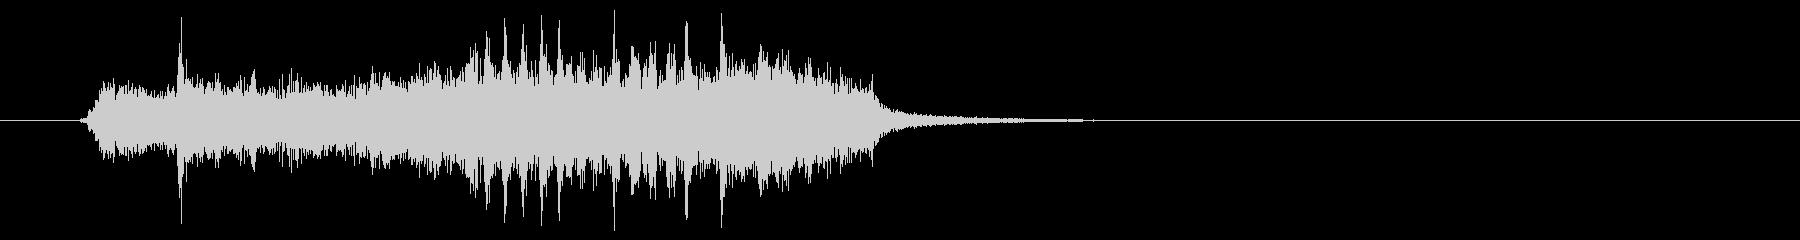 ジングル(ロック風)の未再生の波形